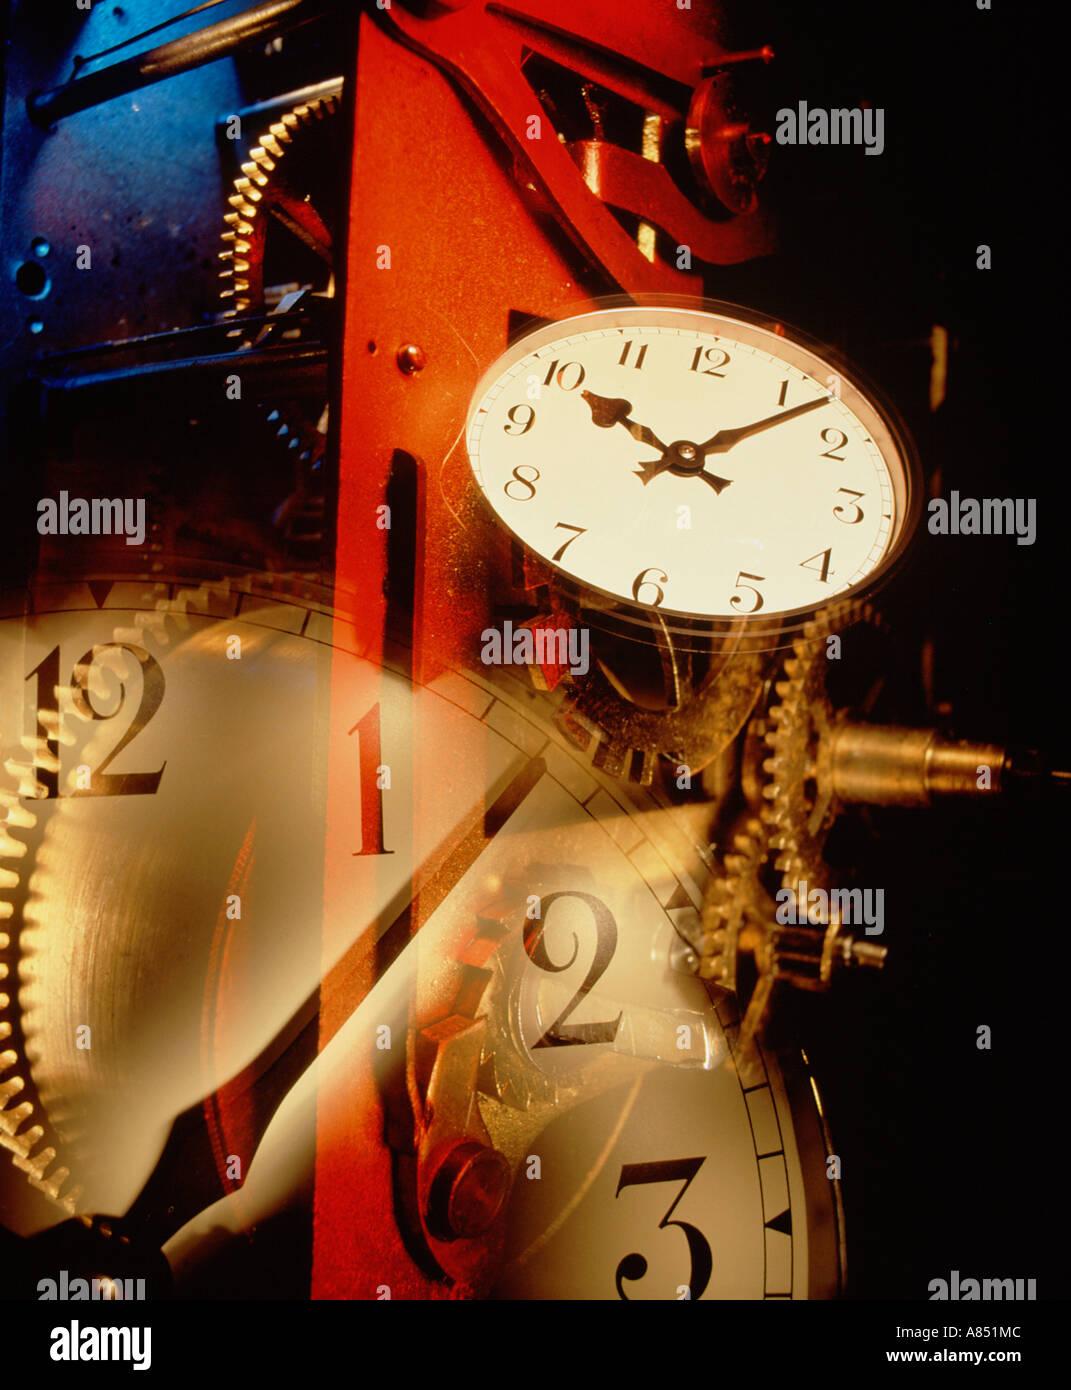 Noch Konzept montage Uhrwerk Rädchen und Zifferblätter. Stockbild